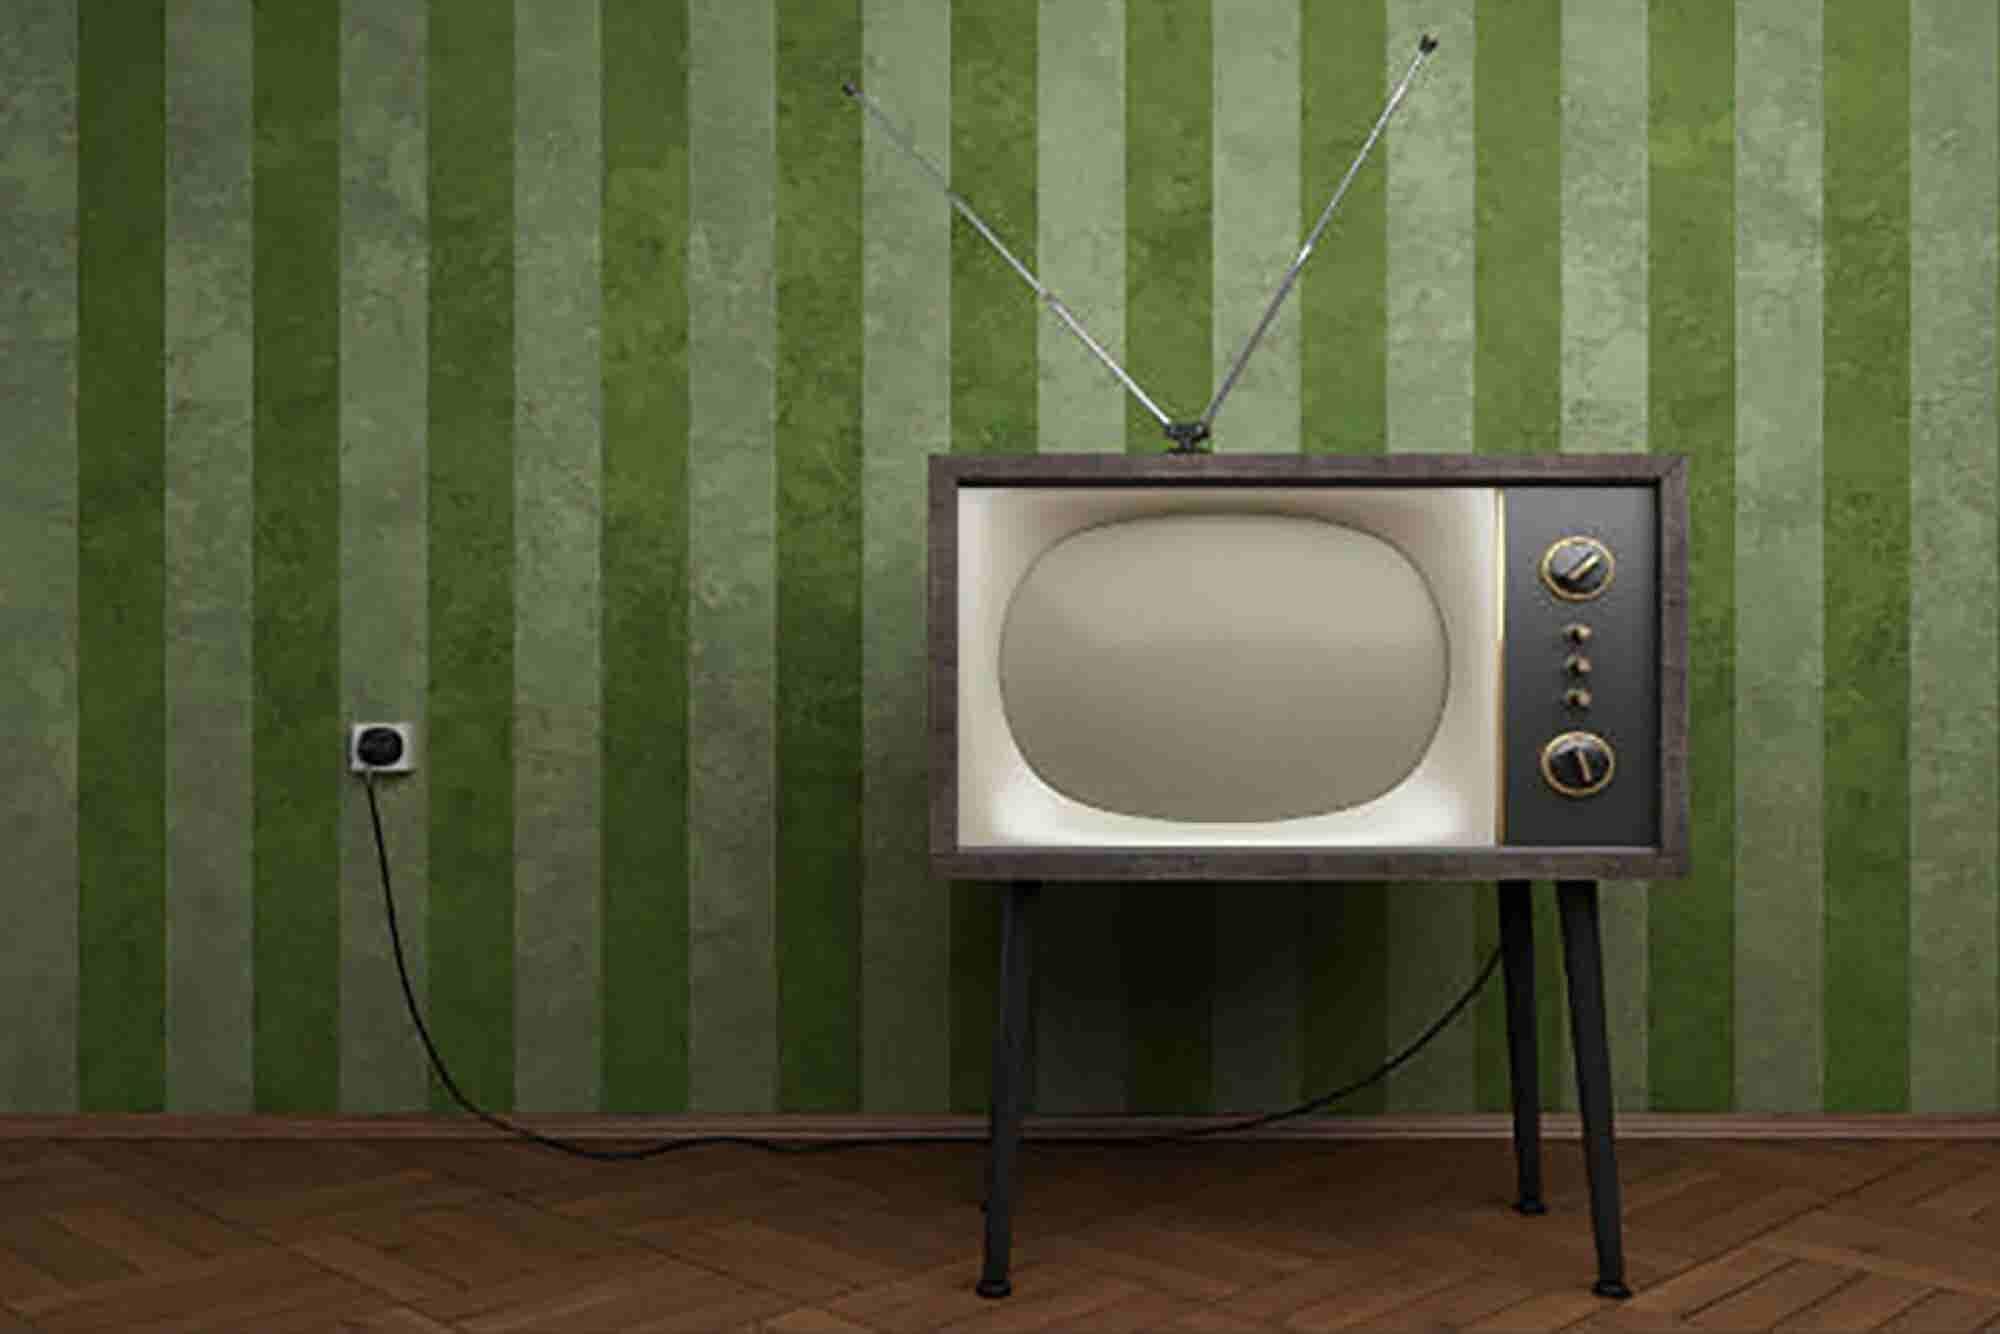 Reciclaje de televisiones